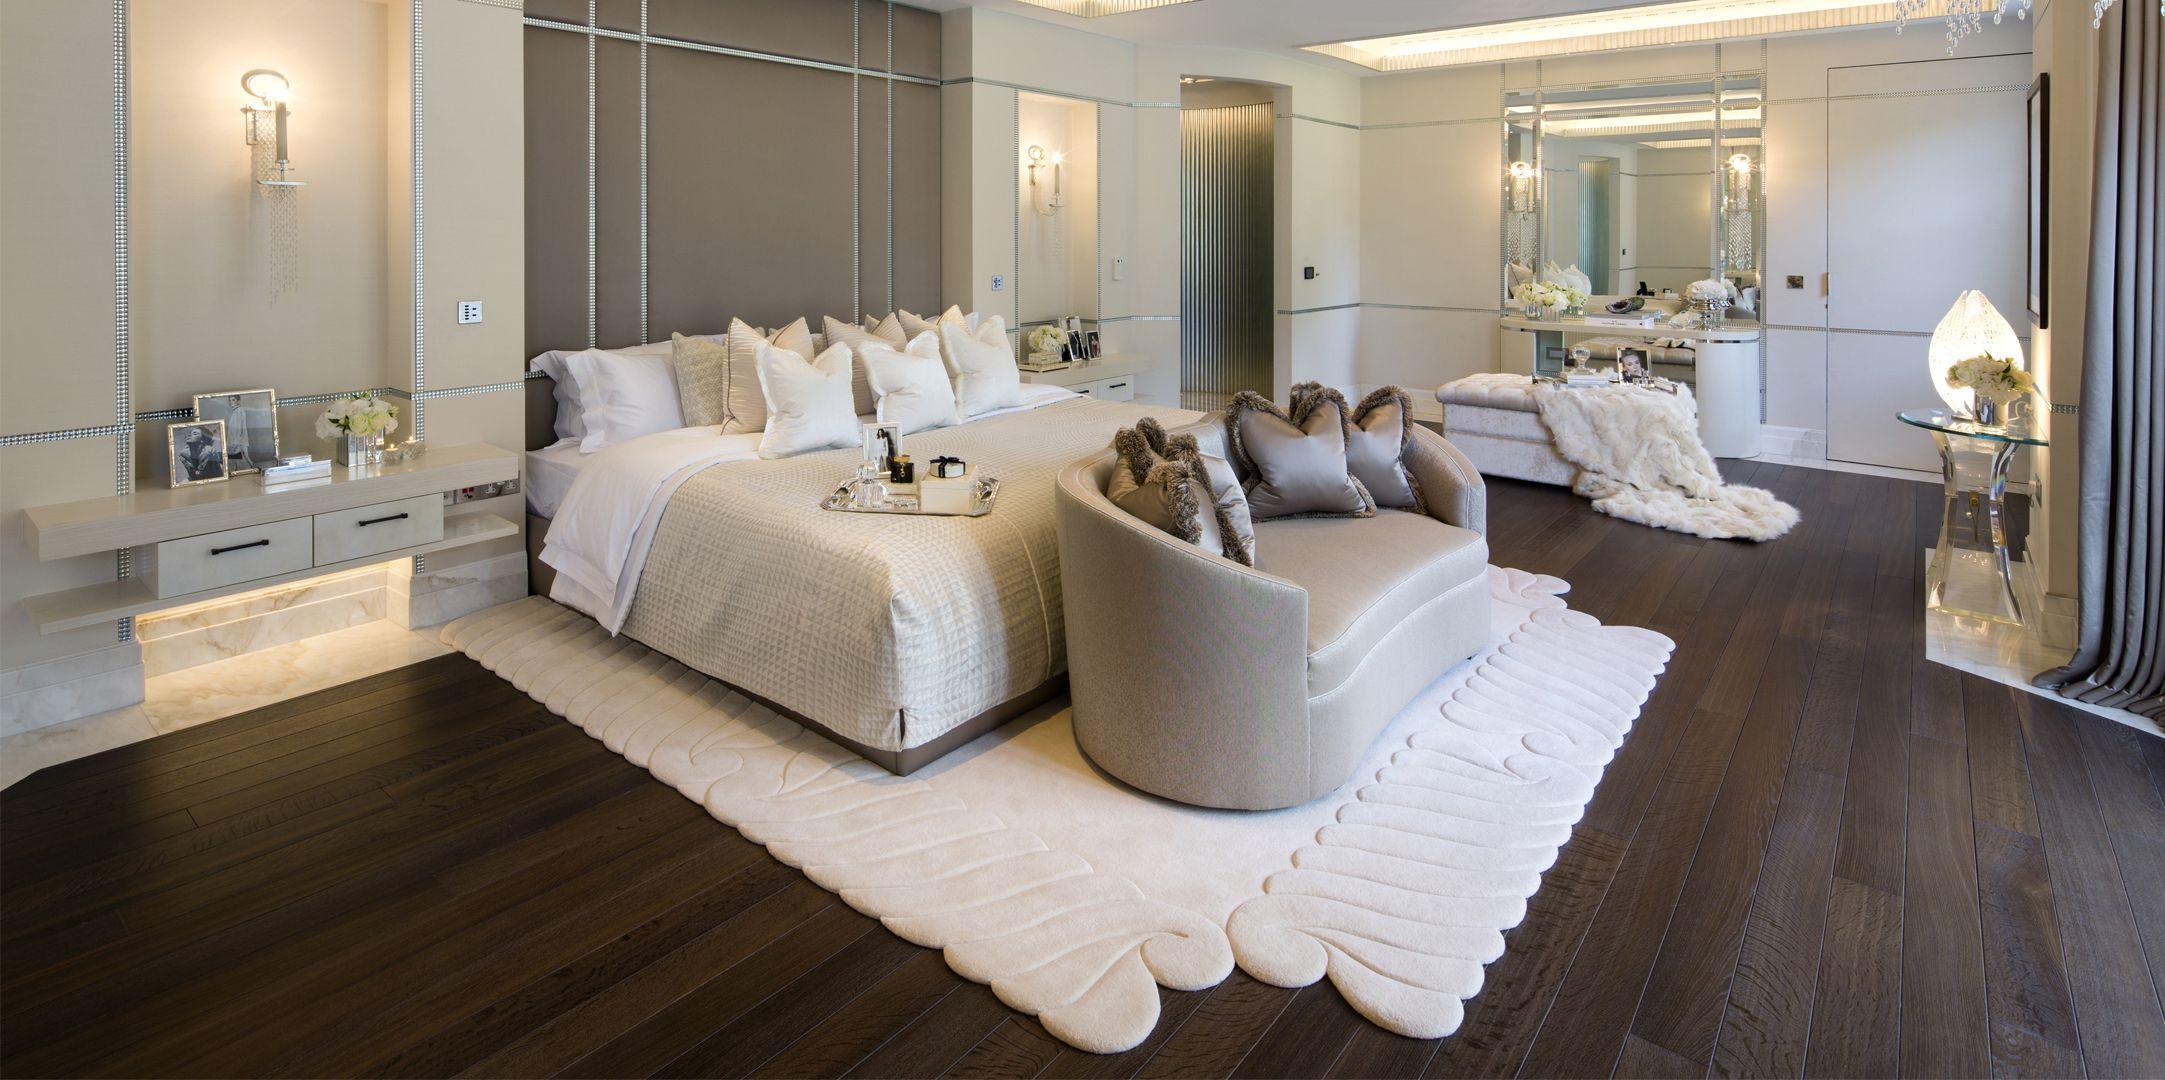 MASTER BEDROOM By Loomah Bespoke Carpets & Rugs